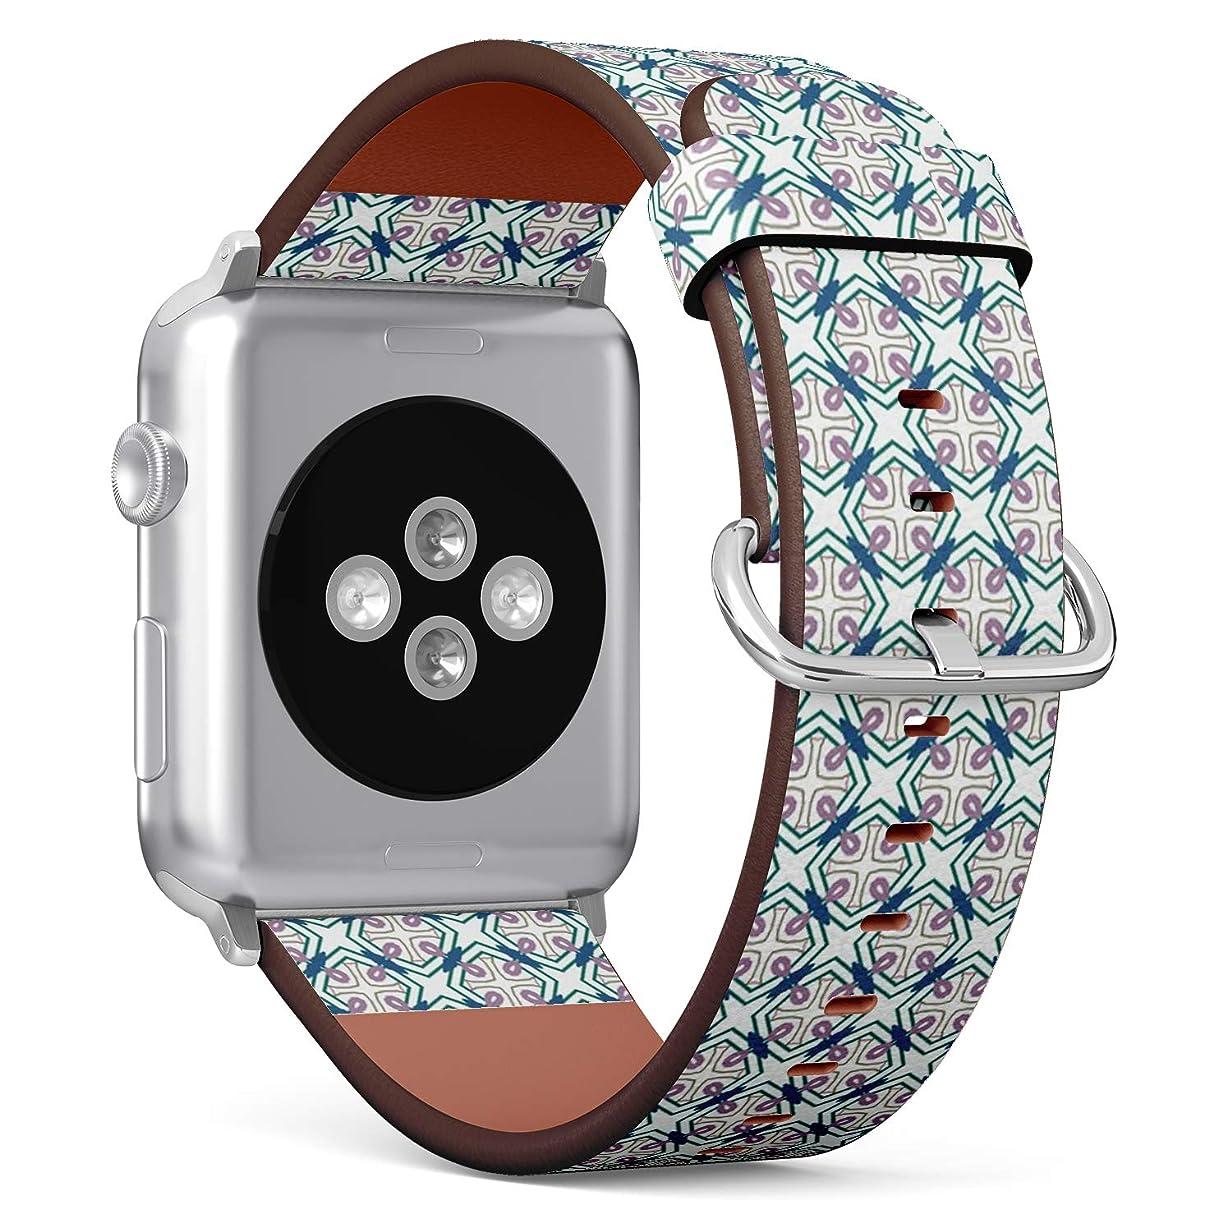 ワークショップ第去るコンパチブル Apple Watch iWatch 42mm & 44mm - 本革レザーストラップ, 向けのバンド交換ストラップです コンパチブル アップルウォッチ バンド (テクスチャ)